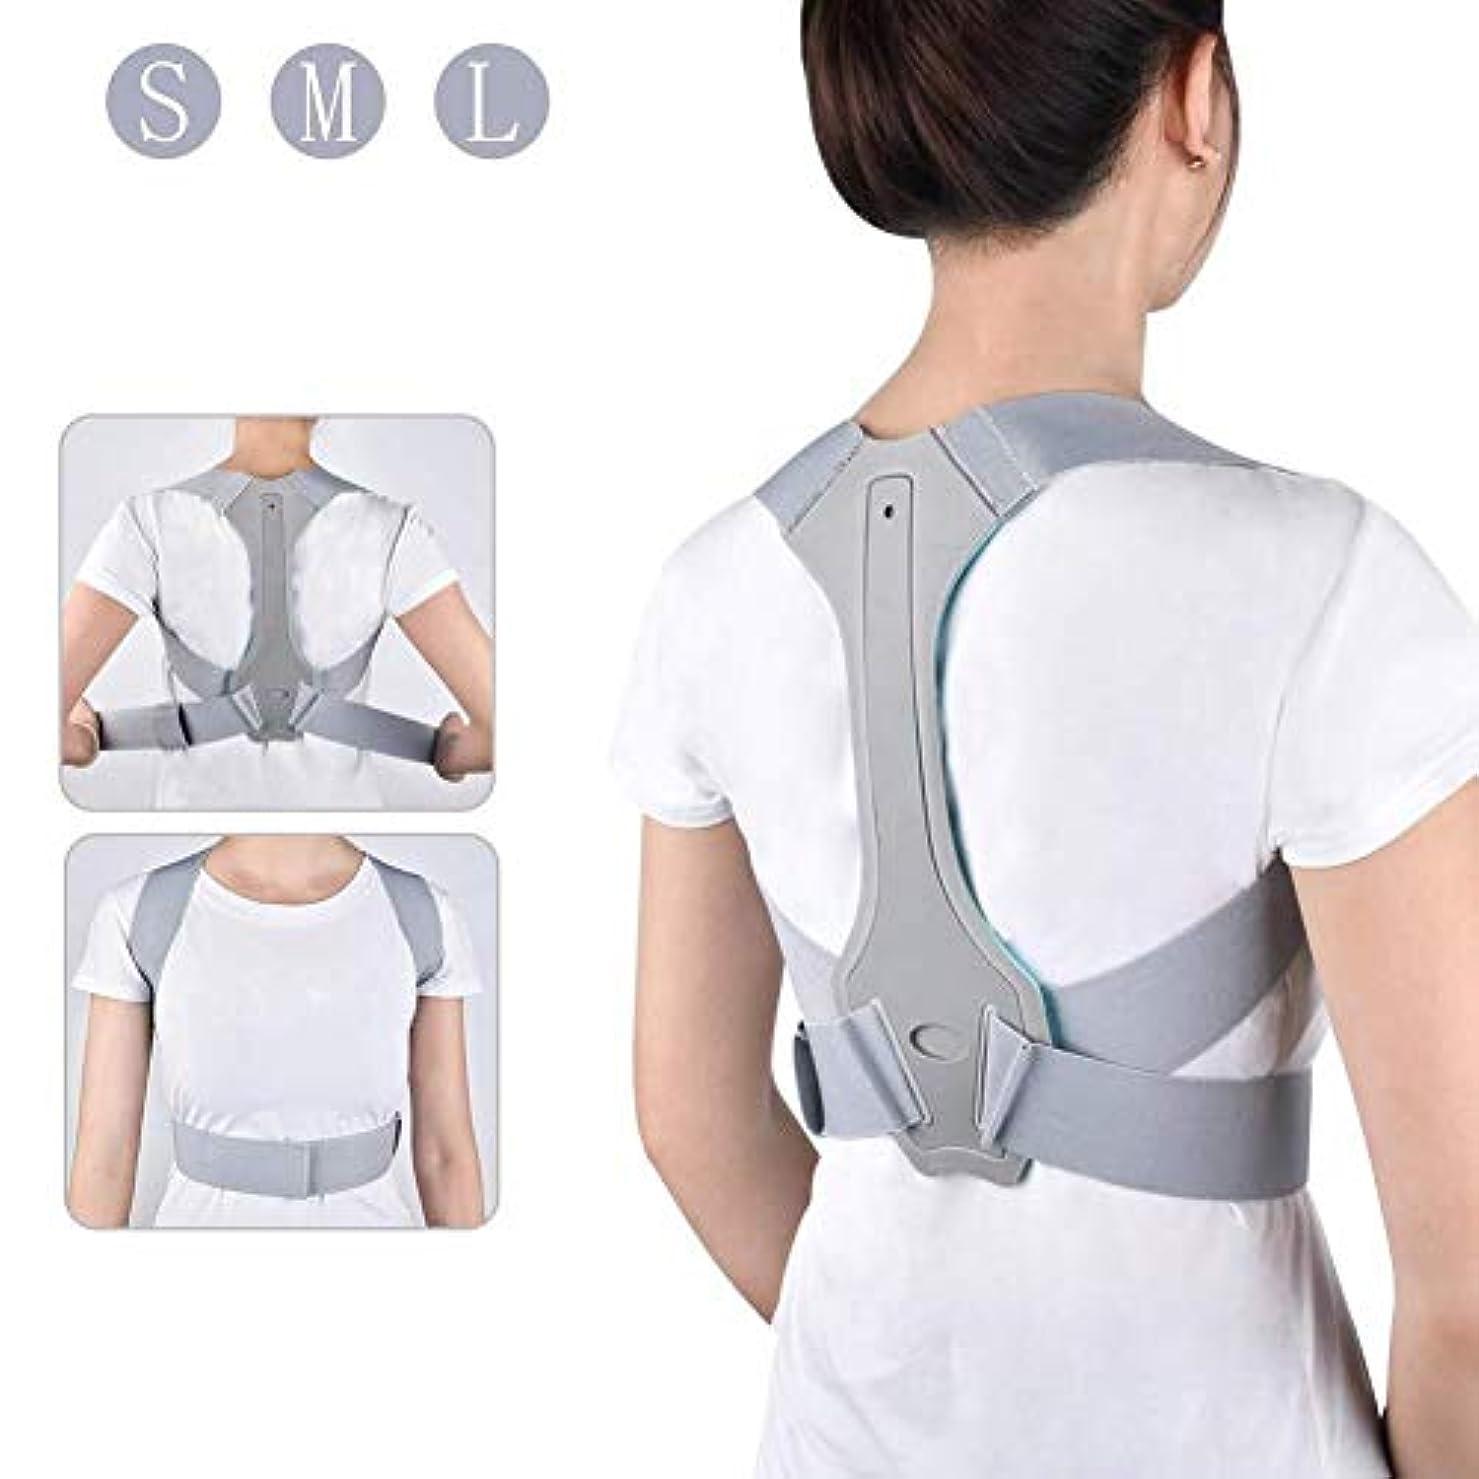 謎構成員請求可能男性と女性のための姿勢補正器、胸部後phおよび肩首の痛みの軽減のための調節可能な上背部肩姿勢トレーナー脊椎矯正 (Size : Large)